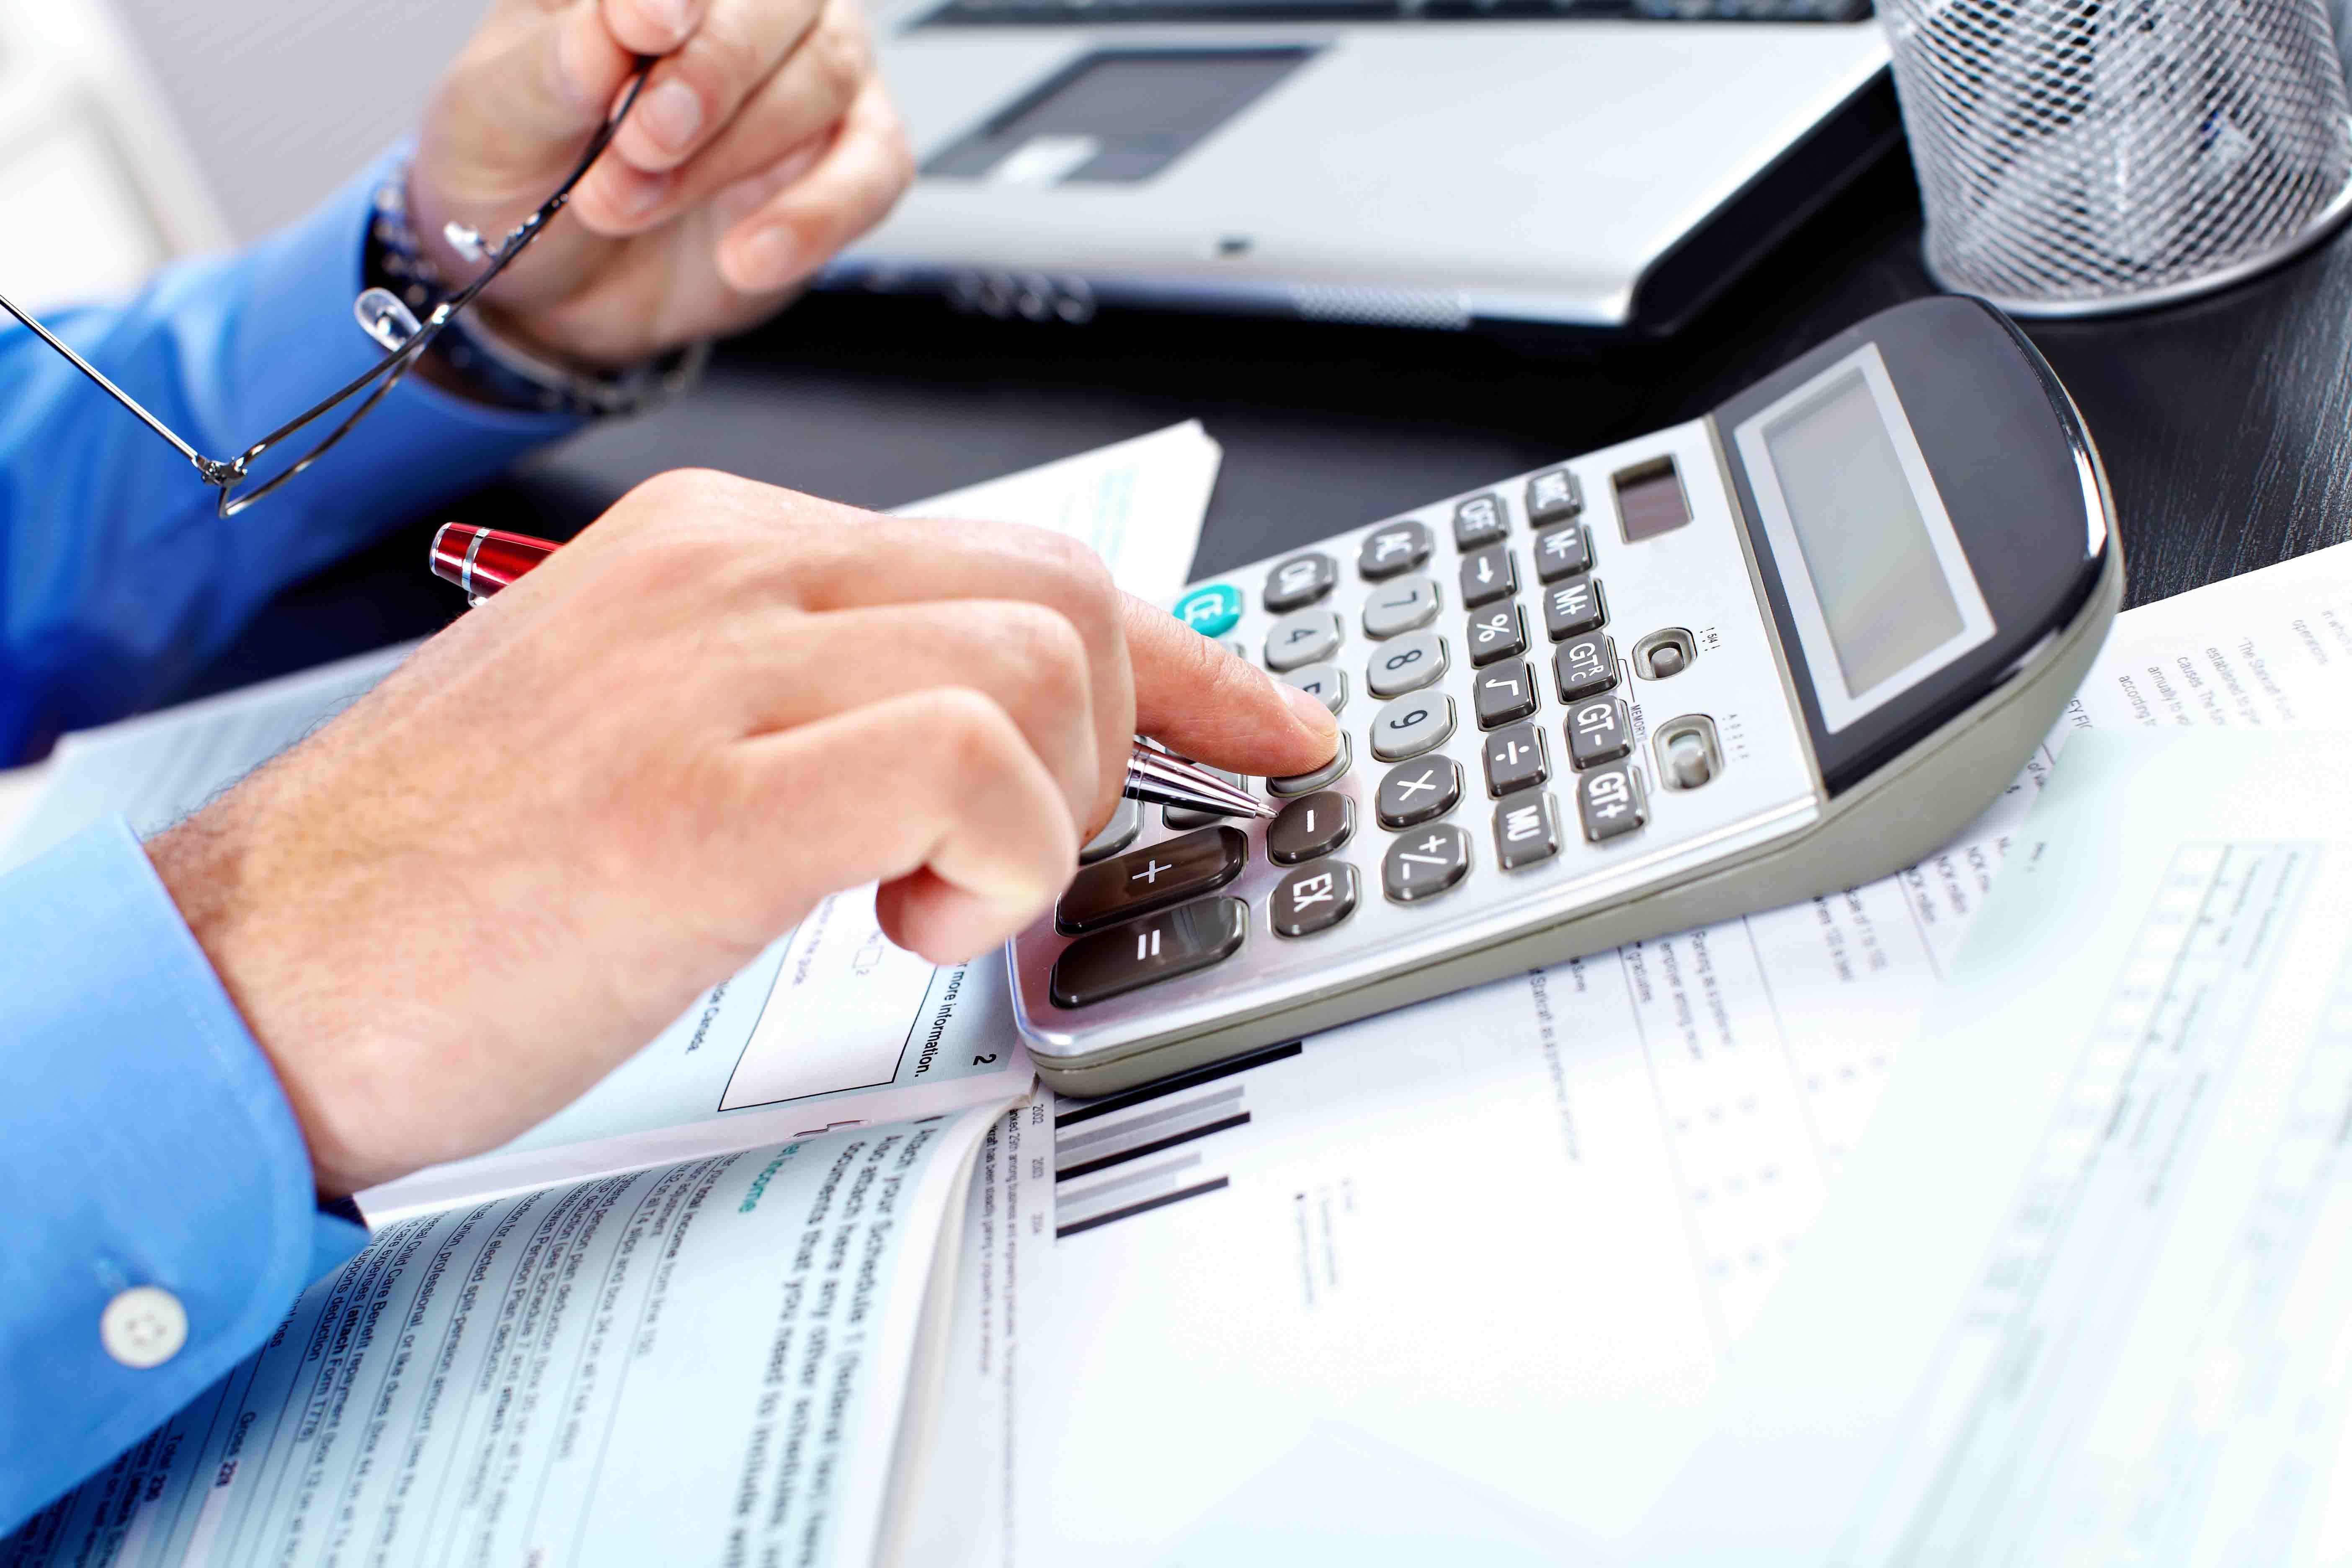 Comptabilité : toutes les bonnes de se doter d'un logiciel de gestion de comptabilité